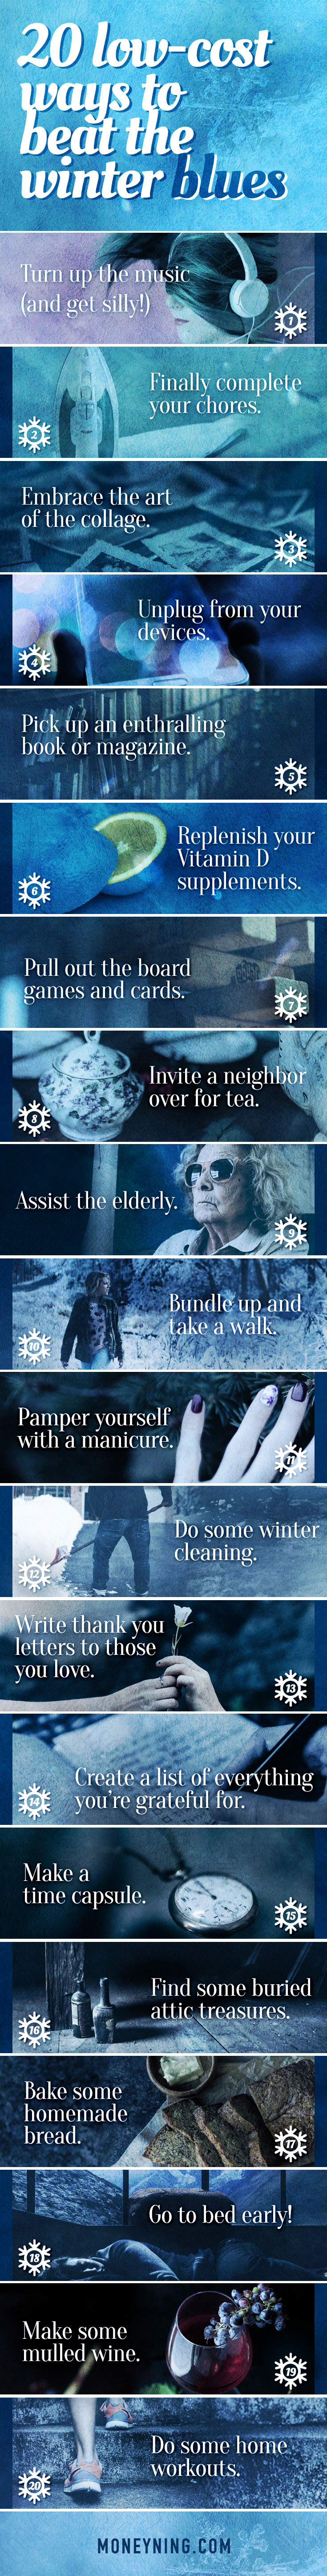 low-cost winter activities